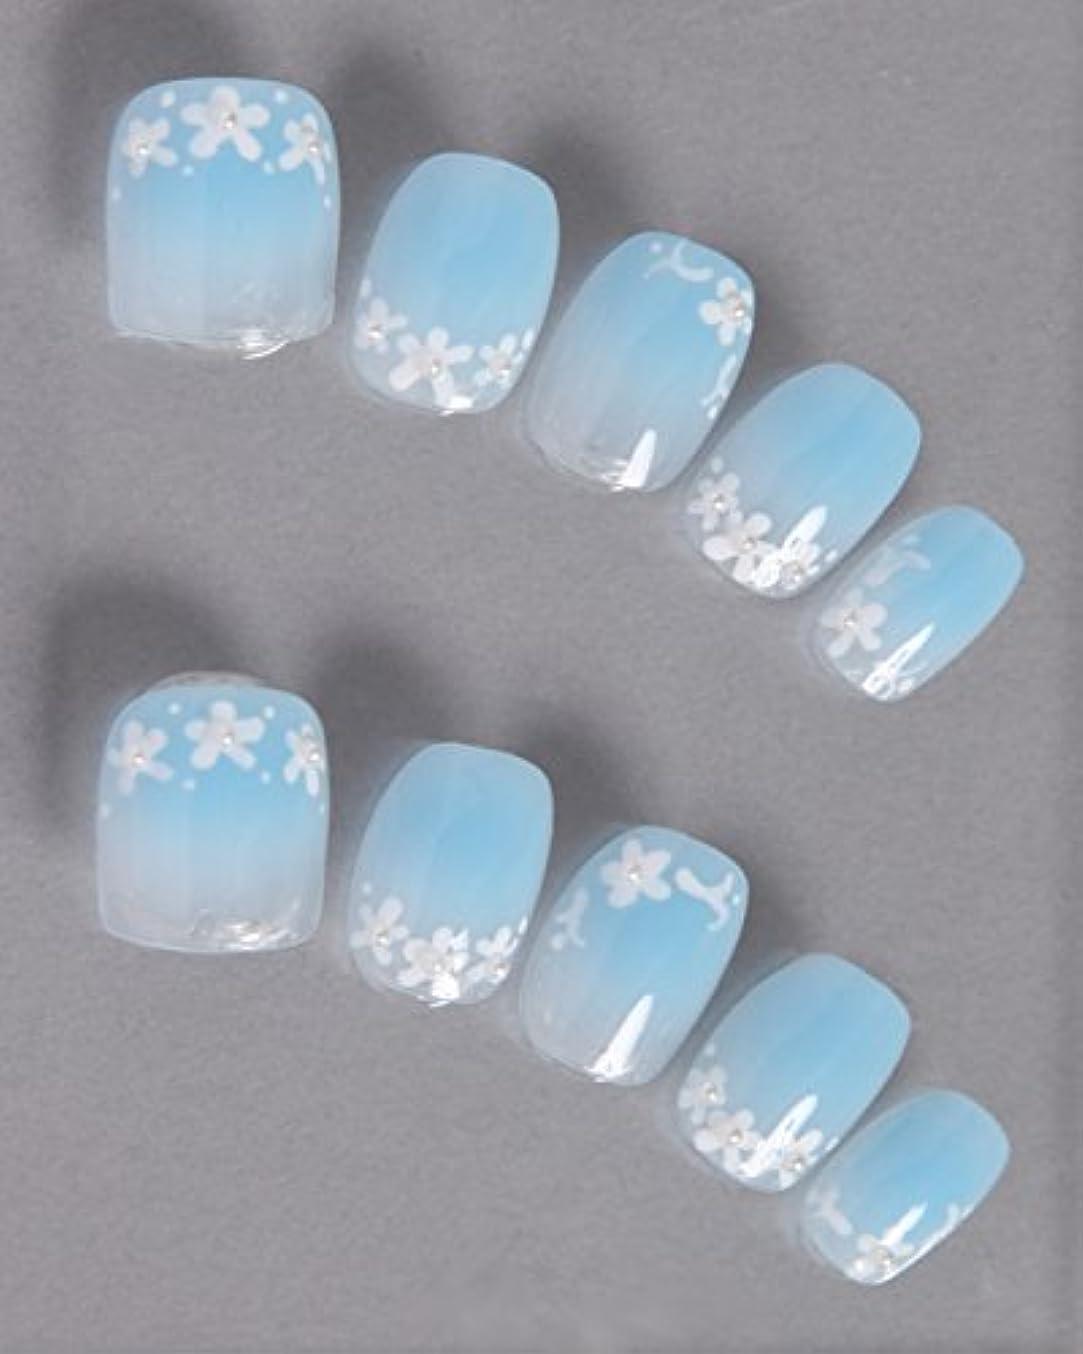 上へ服を着る一般的にゆずネイル|ネイルチップ 薄ブルー 花 シンプル ガーリー(A10026-Q-CGS)